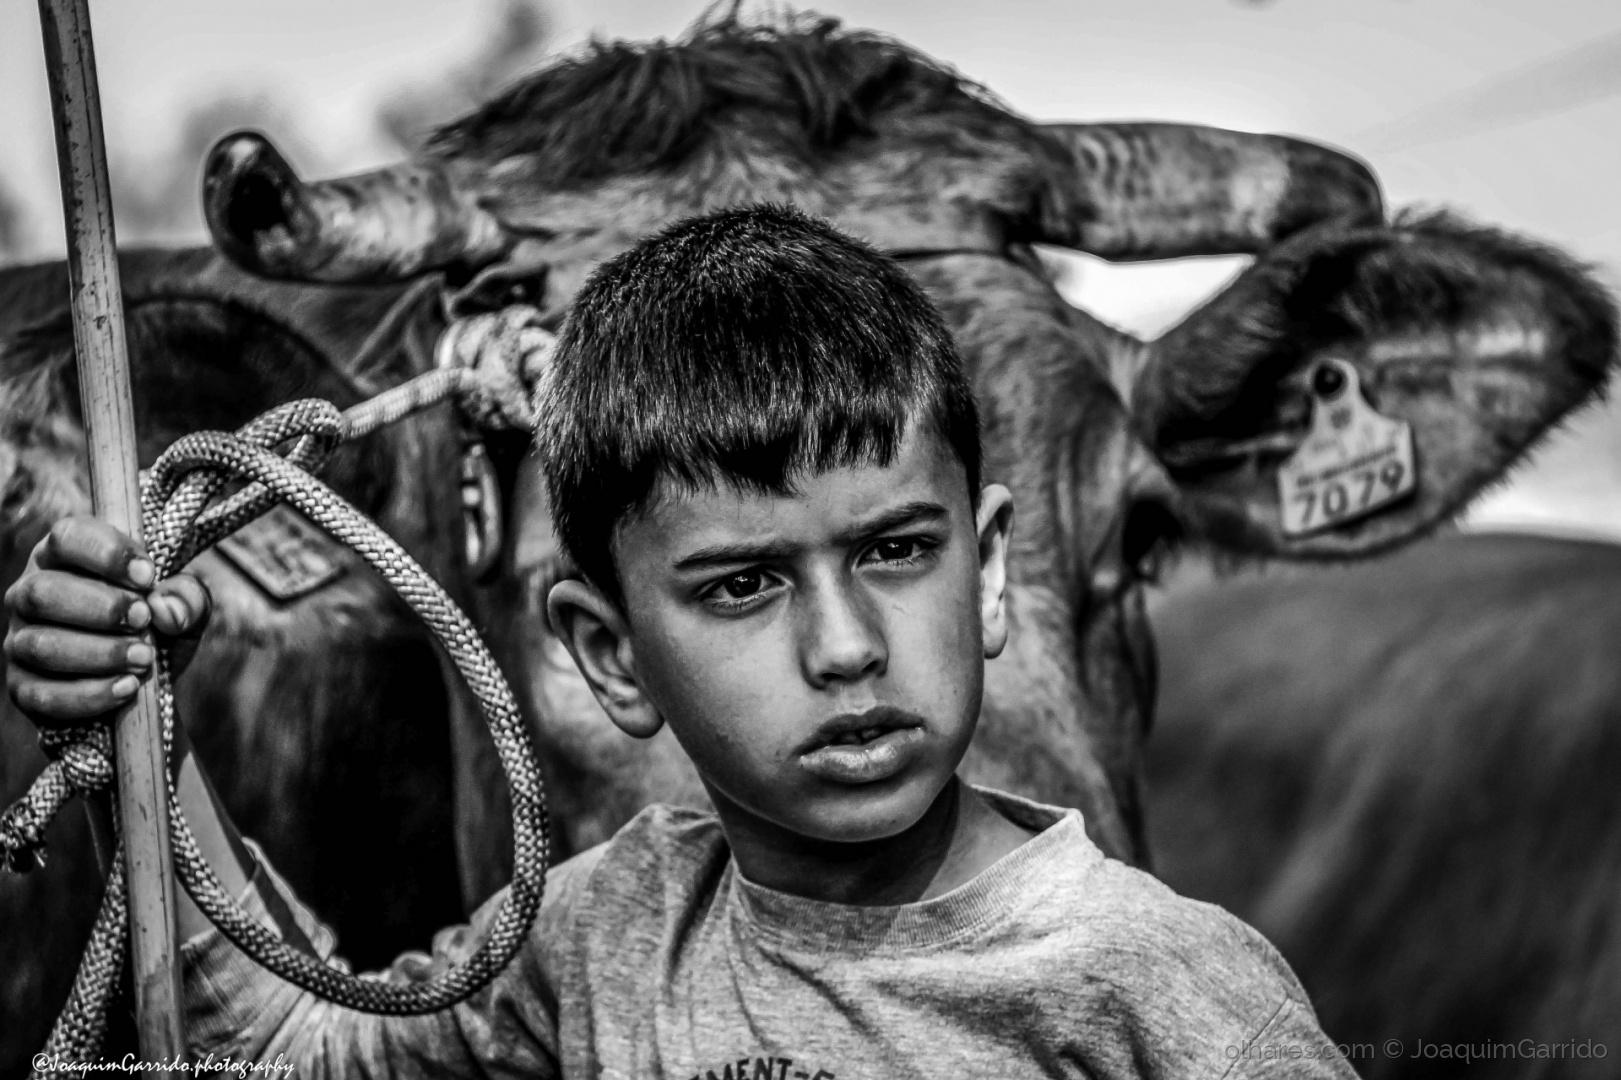 Retratos/Olhar penetrante